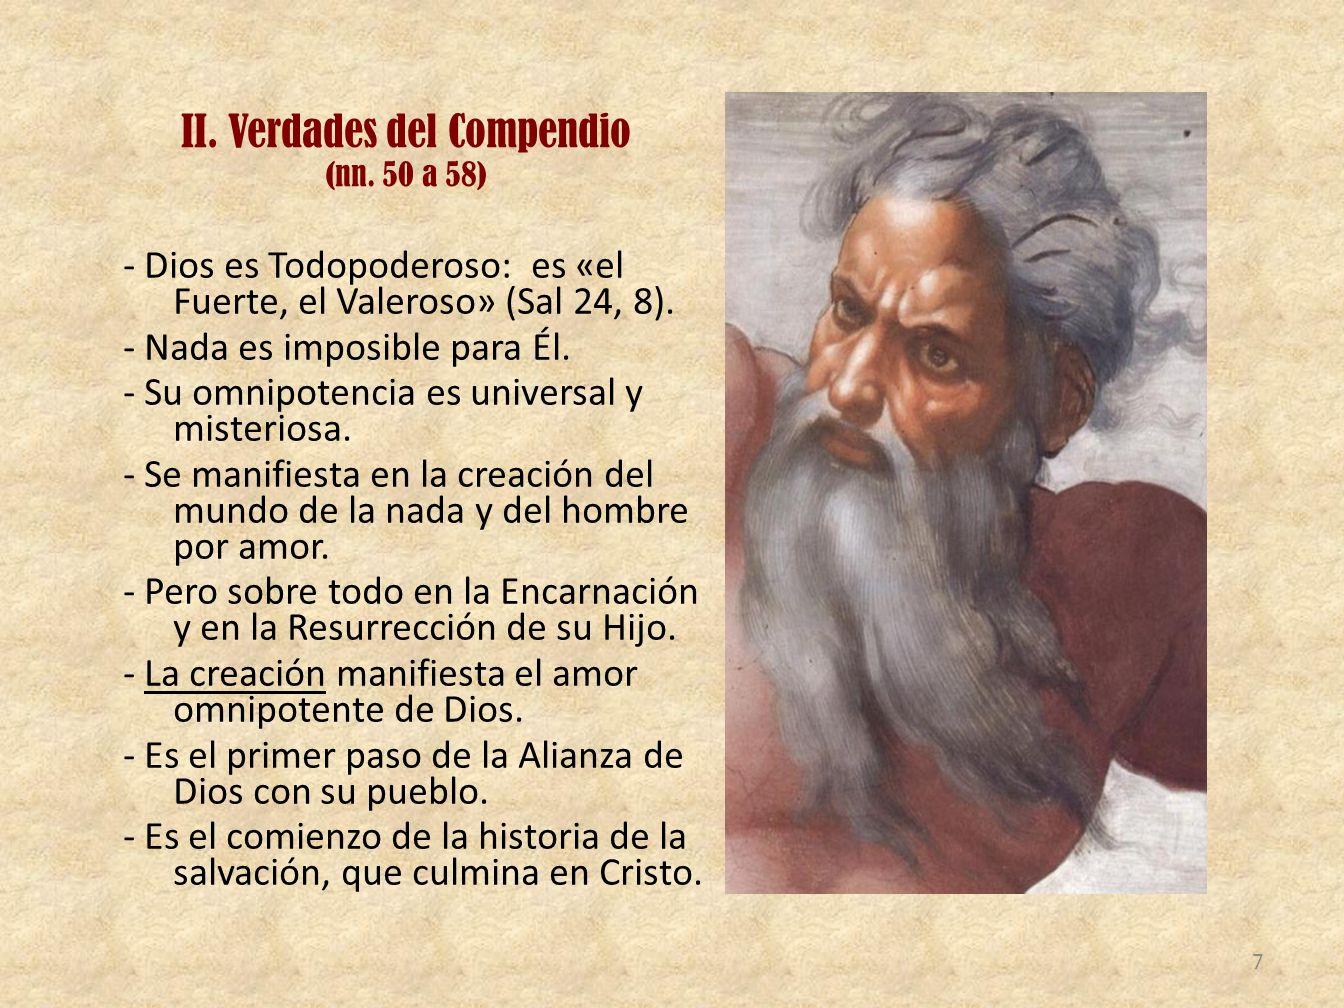 II. Verdades del Compendio (nn. 50 a 58) - Dios es Todopoderoso: es «el Fuerte, el Valeroso» (Sal 24, 8). - Nada es imposible para Él. - Su omnipotenc